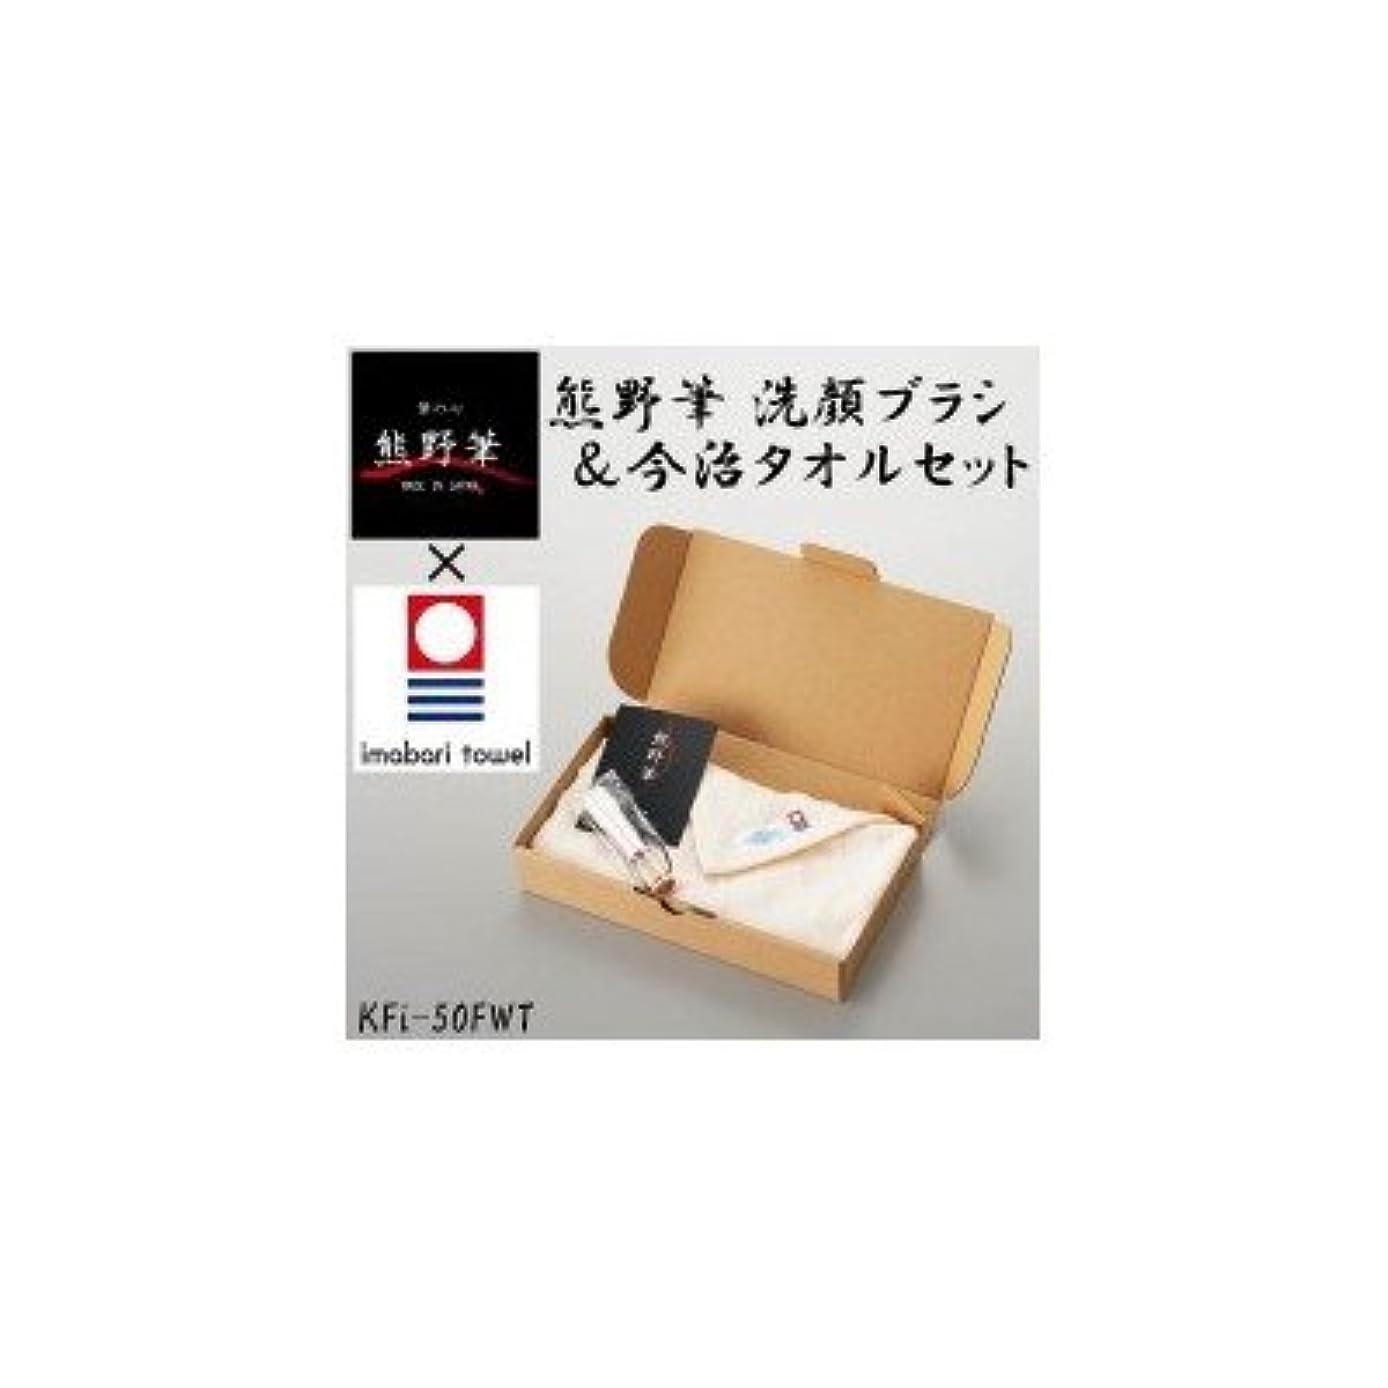 誓い自己尊重波熊野筆と今治タオルのコラボレーション 熊野筆 洗顔ブラシ&今治タオルセット KFi-50FWT